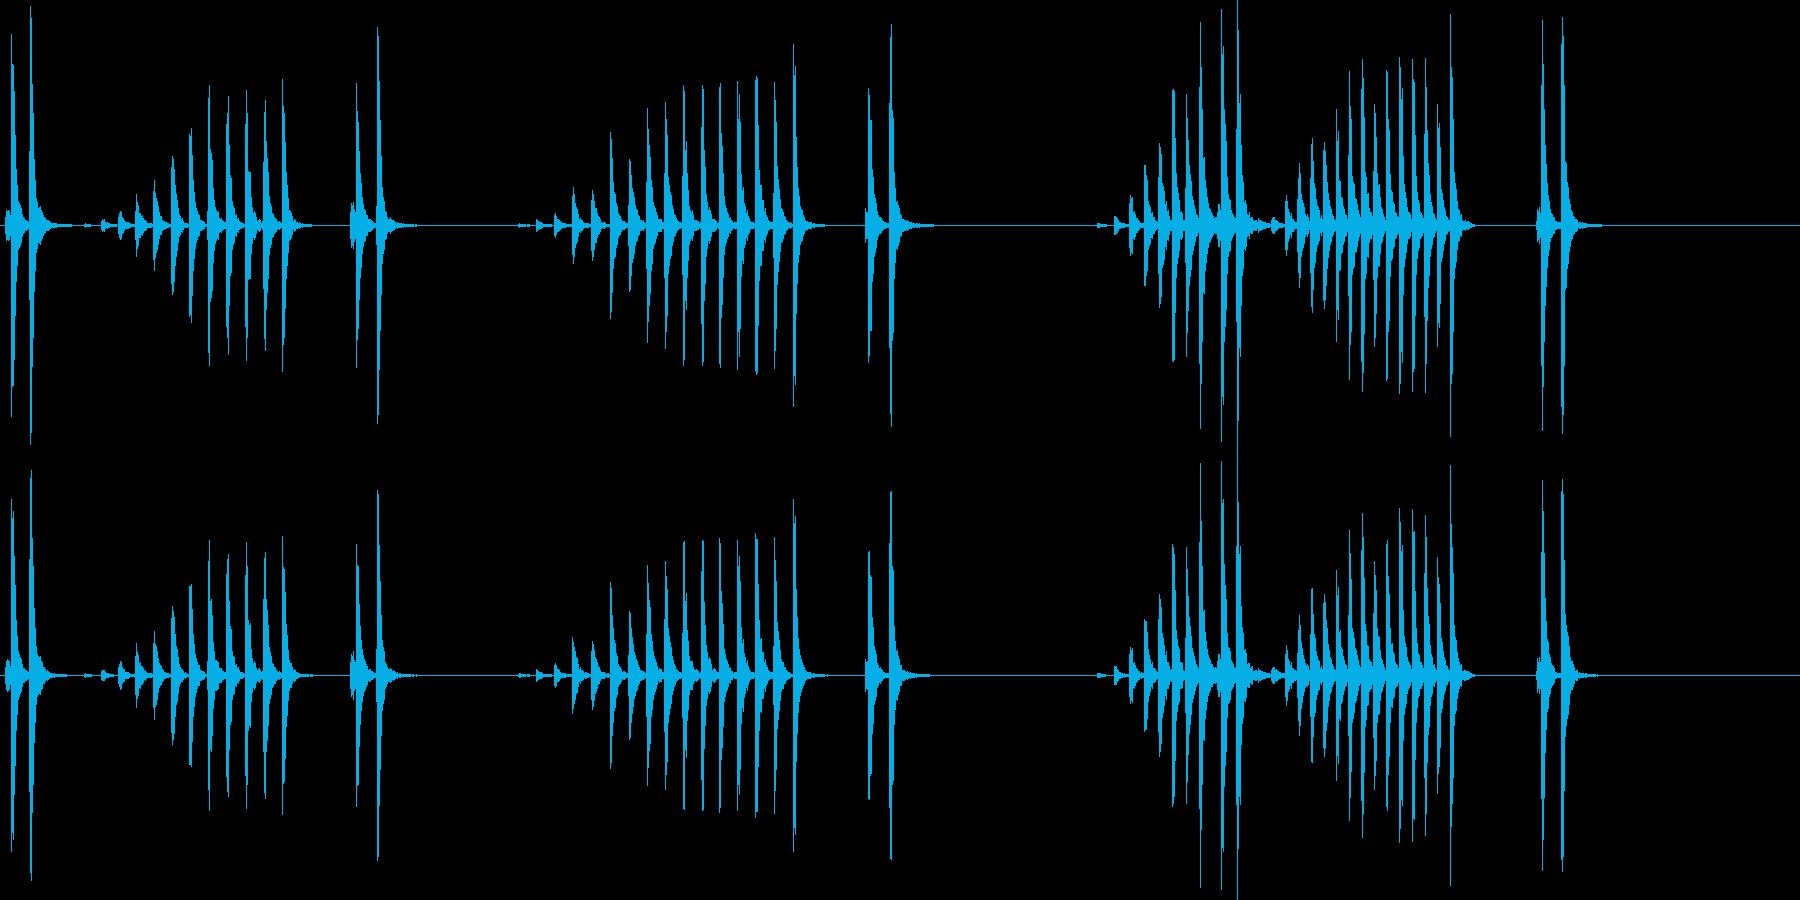 大太鼓30波音f歌舞伎情景描写和風和太鼓の再生済みの波形